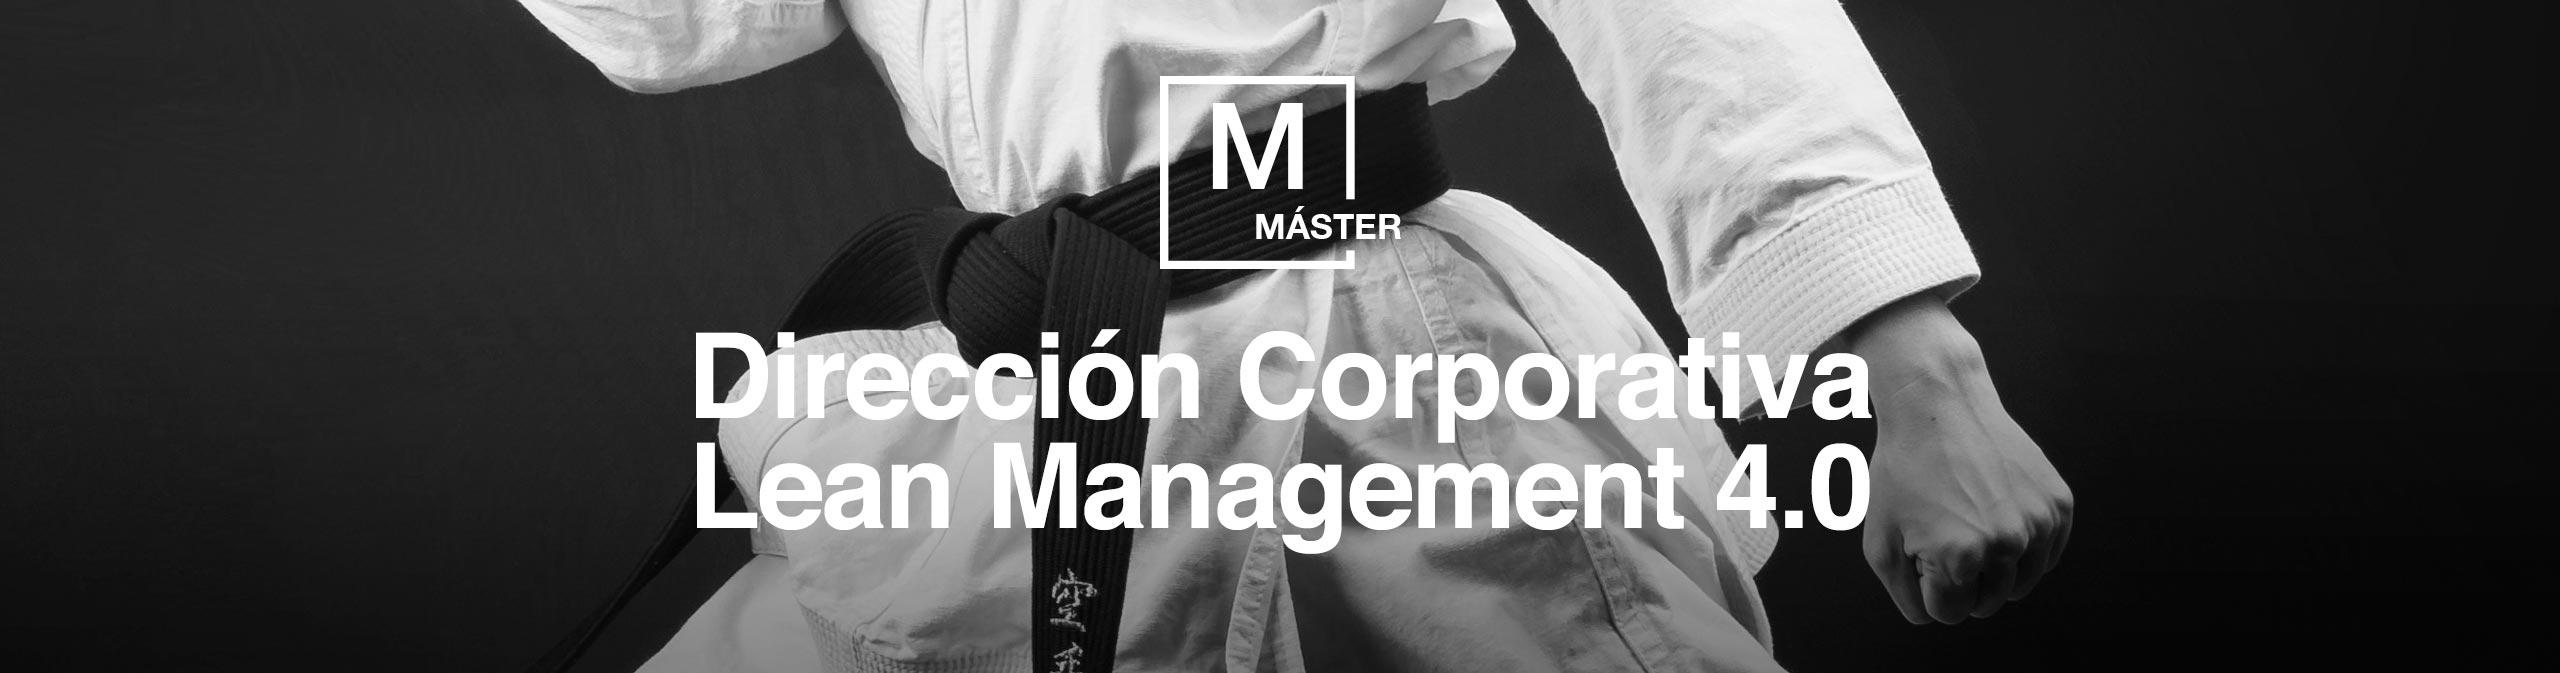 Cabecera Master Dirección Corporativa